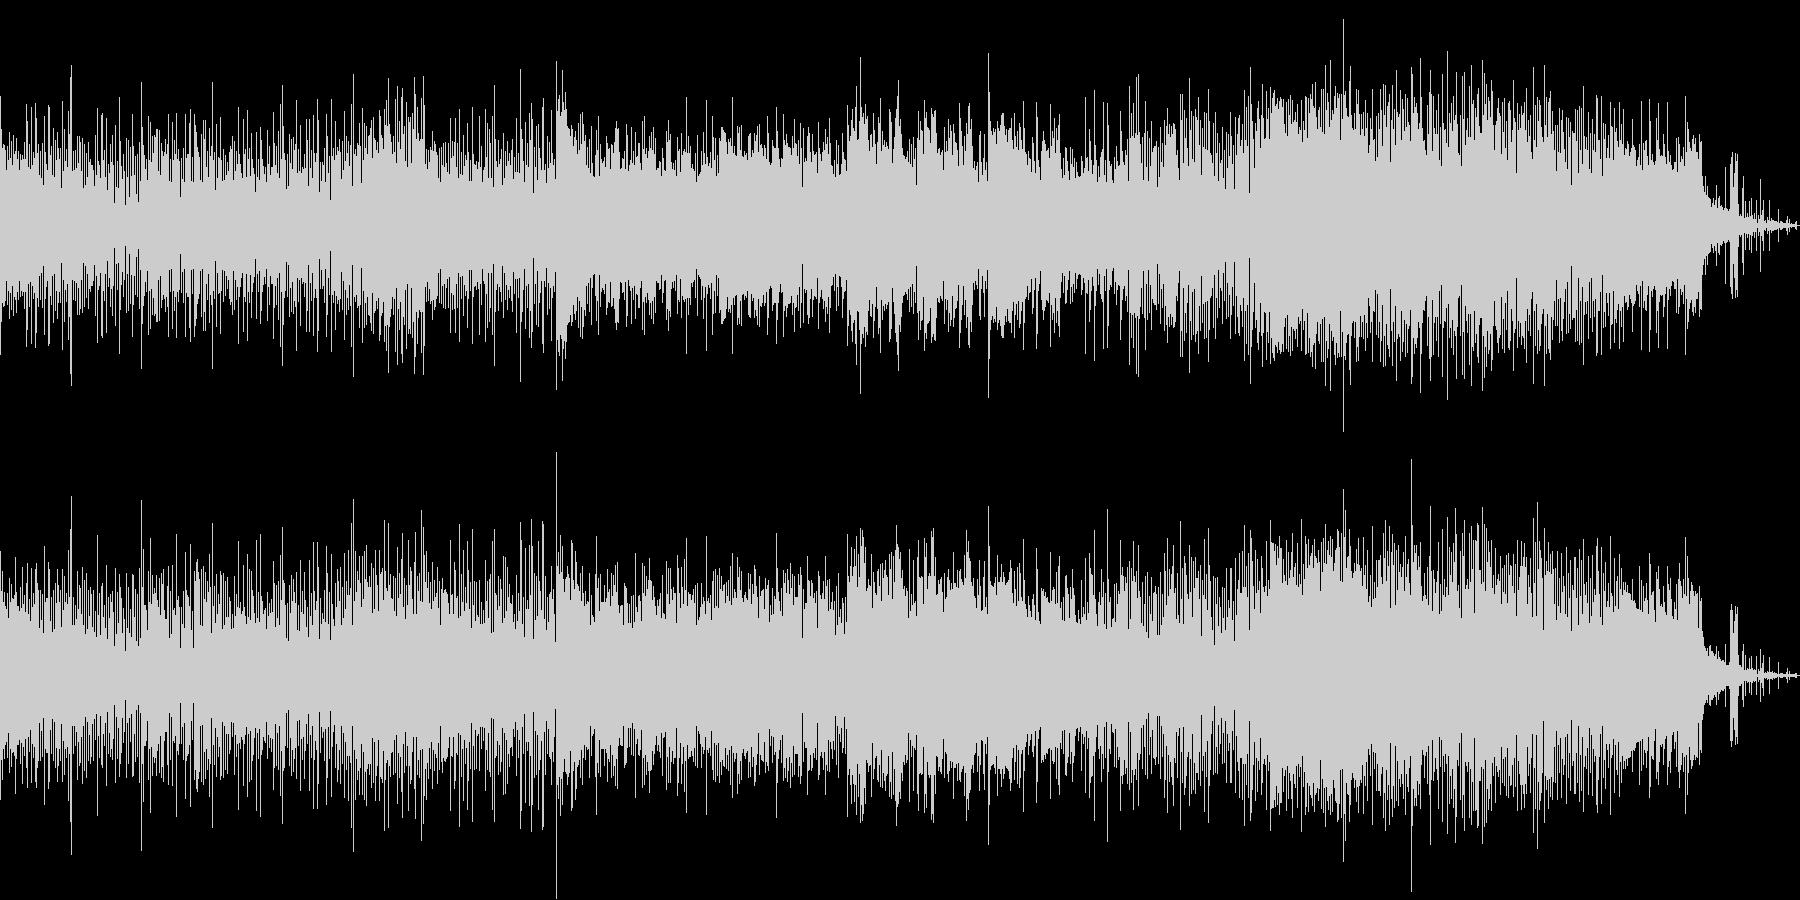 ハード、ノイジーなSFチックハードロックの未再生の波形